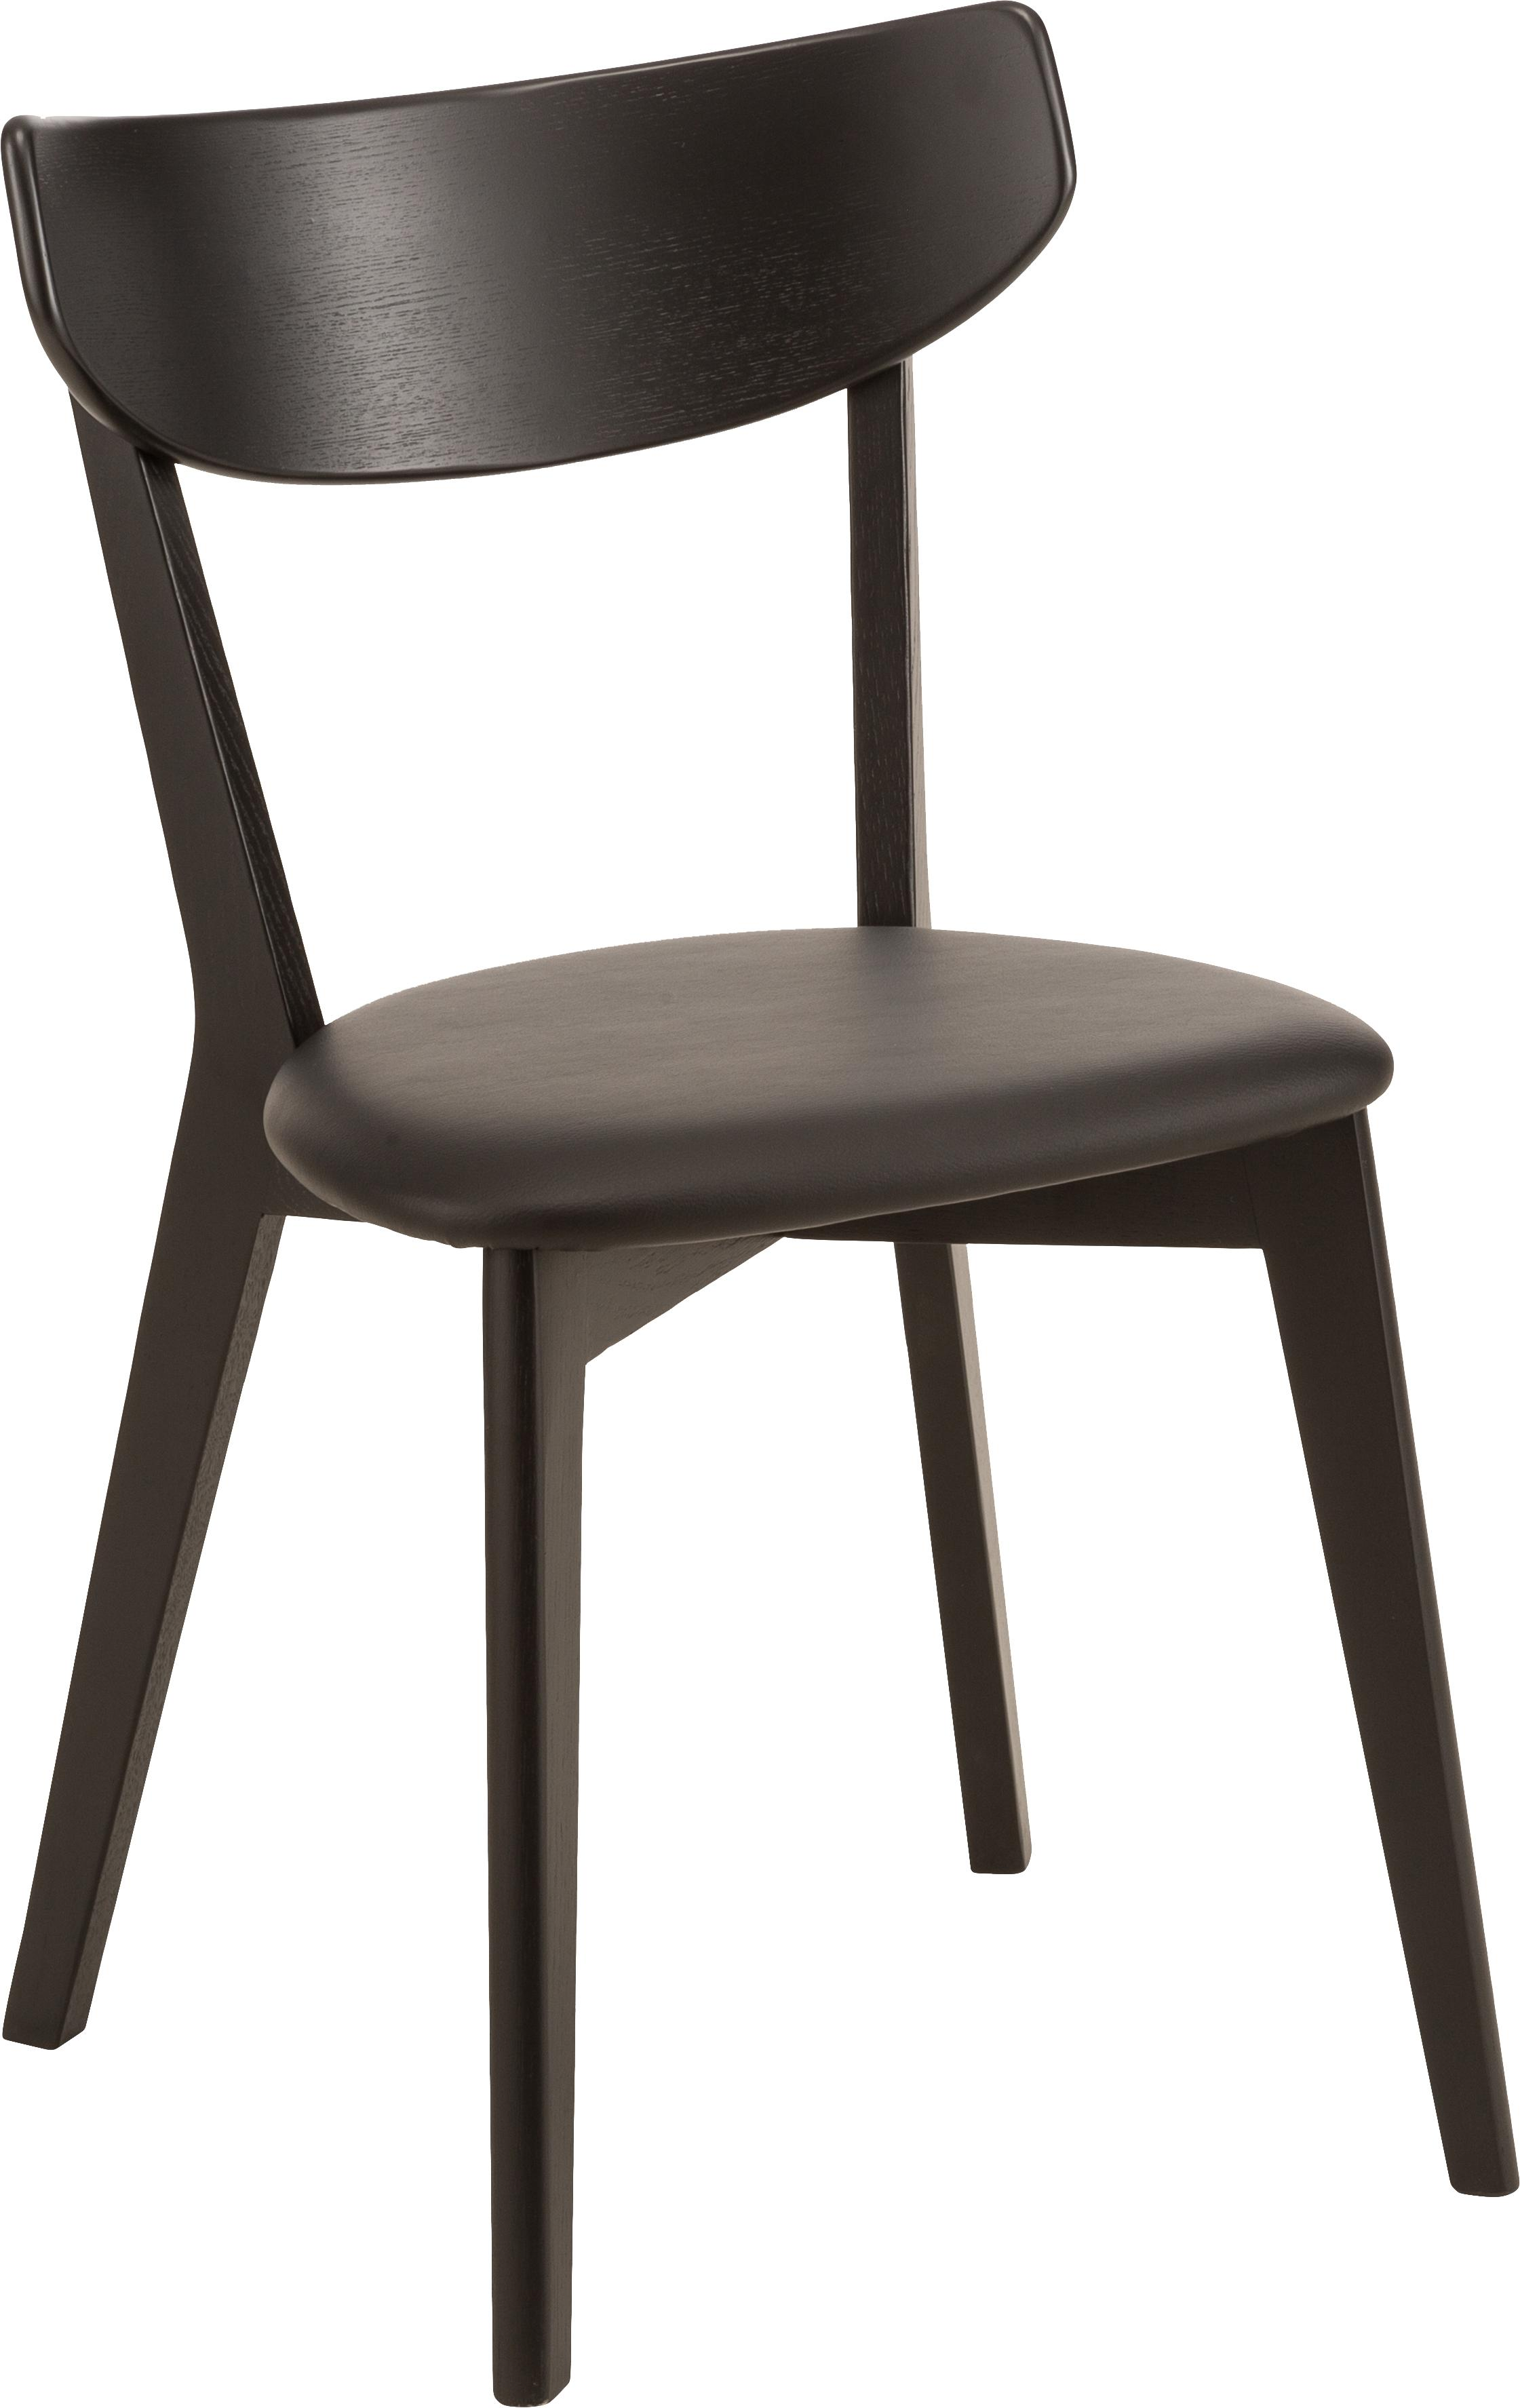 Holzstühle Ami, 2 Stück, Schwarz, B 48 x T 47 cm